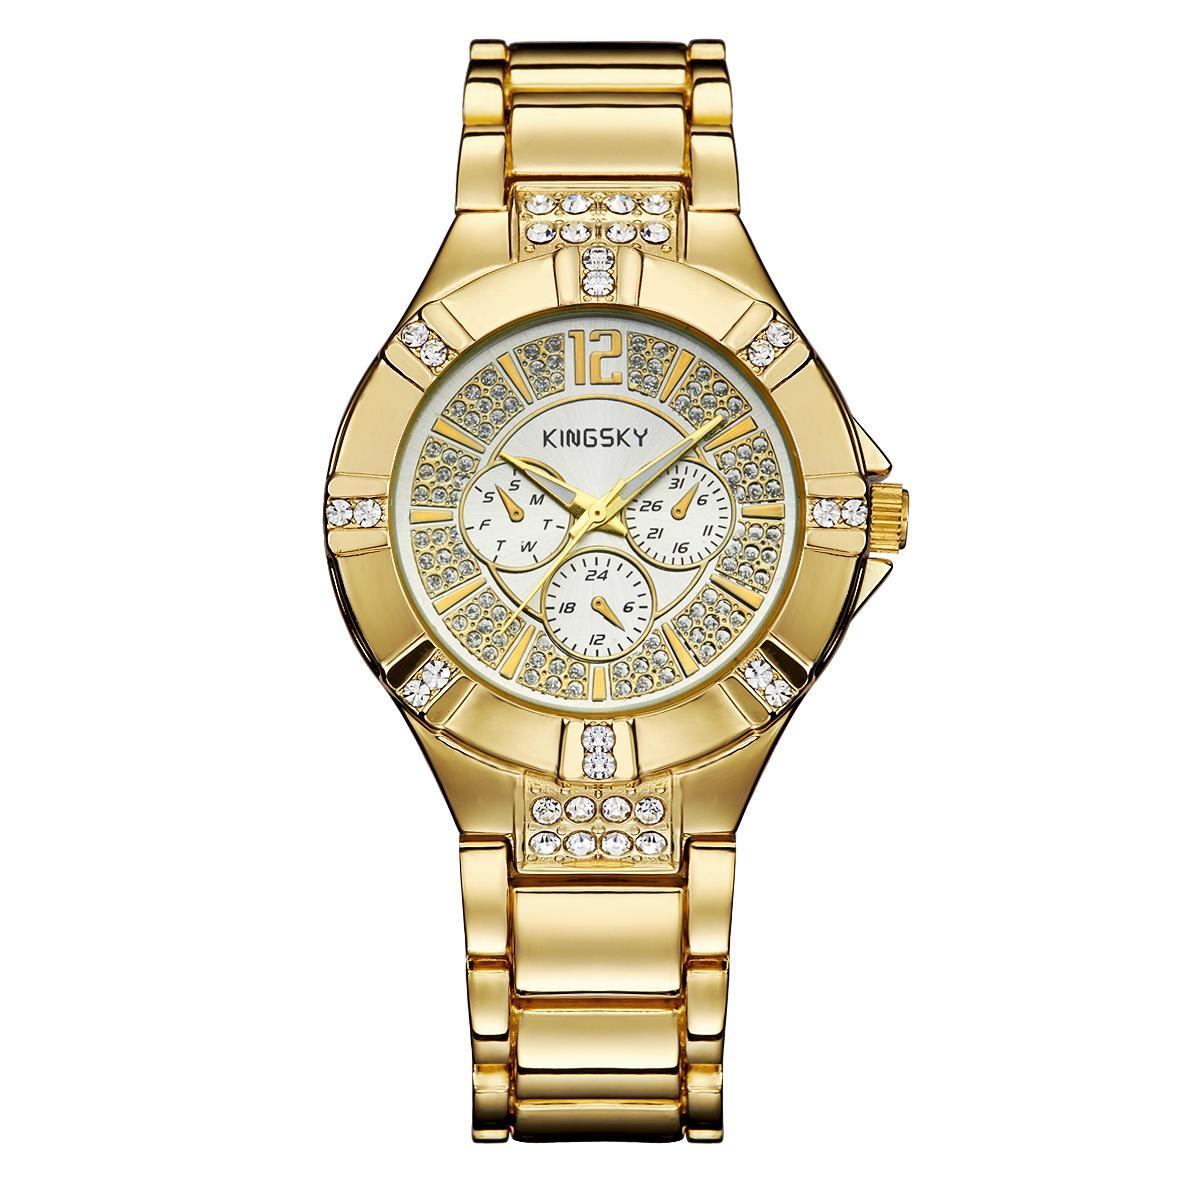 Kobwa Kingsky Produsen Jam Tangan QUARTZ Watch Model Ledakan Jepang Jam Tangan Mewah Atmosfer dari Pria dan Wanita Meja Custom Grosir SMT (GoldWhite)